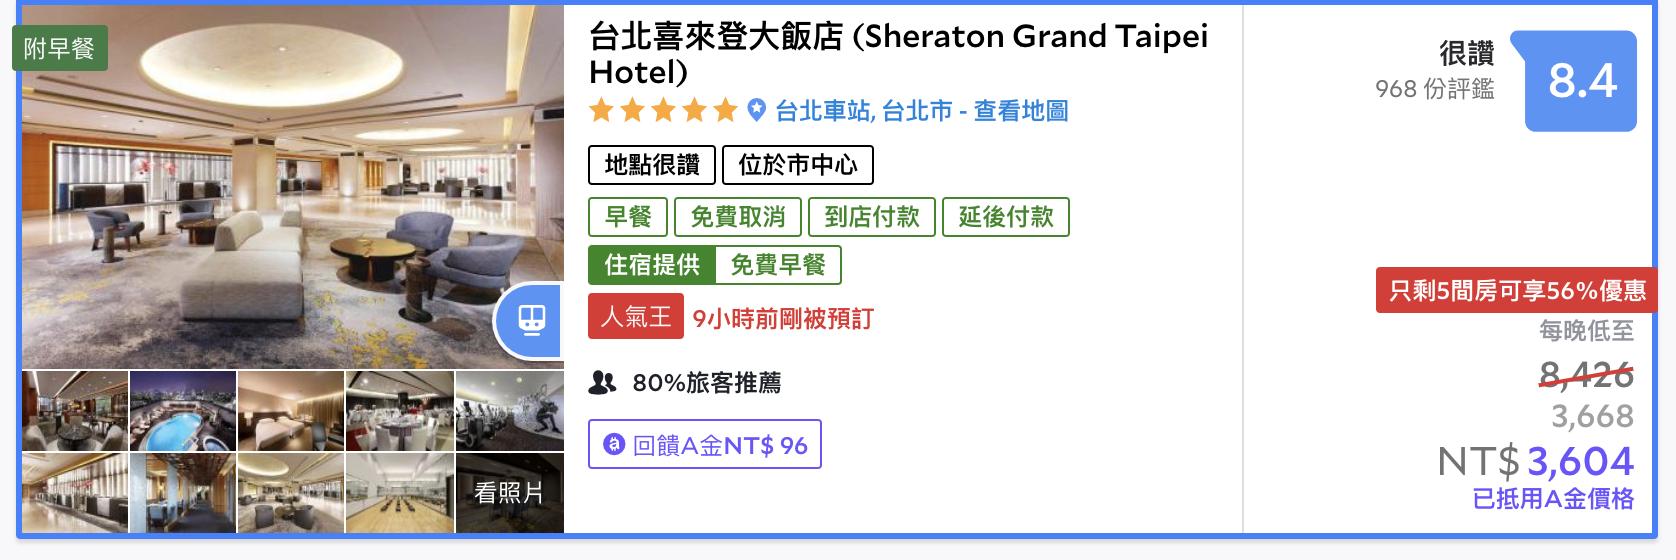 北喜30而已、台北外宿節活動,一起促銷一起玩~不可SNP